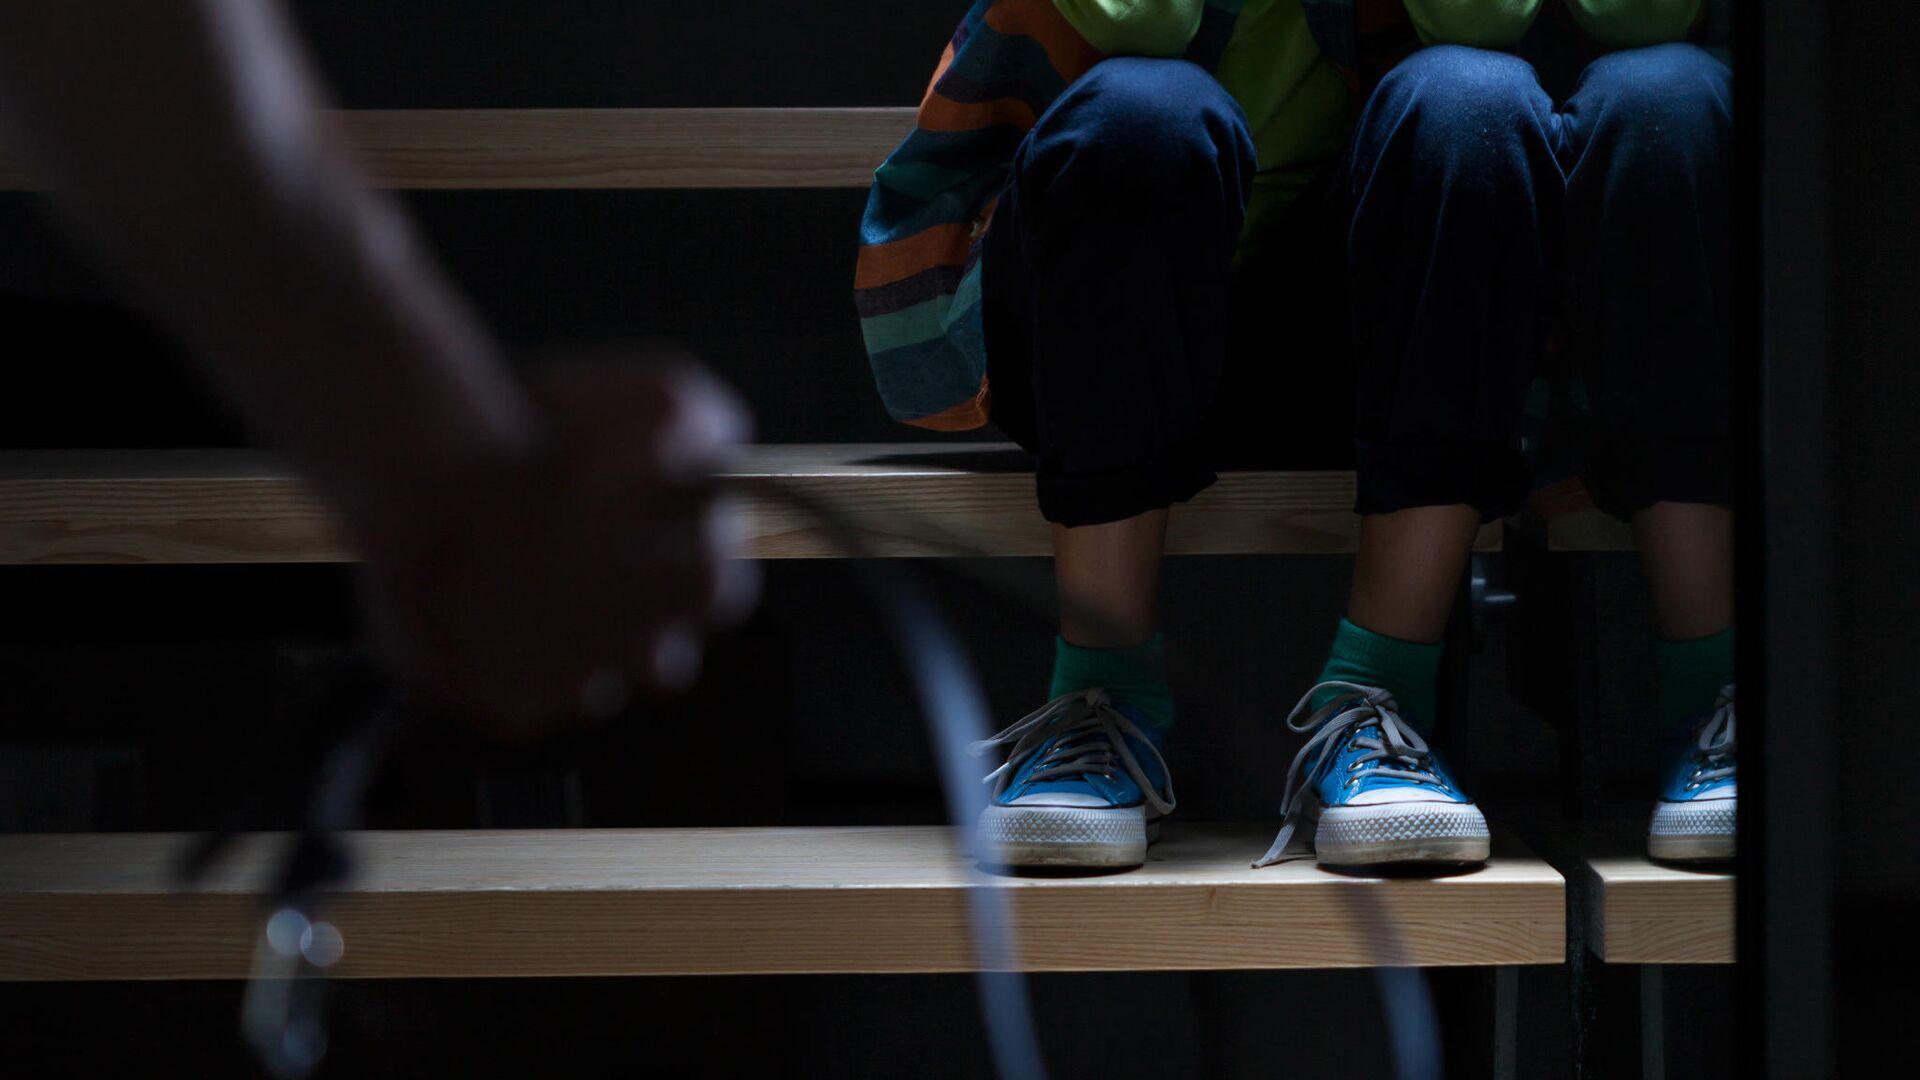 Ребенок сидит на лестнице - РИА Новости, 1920, 27.01.2021